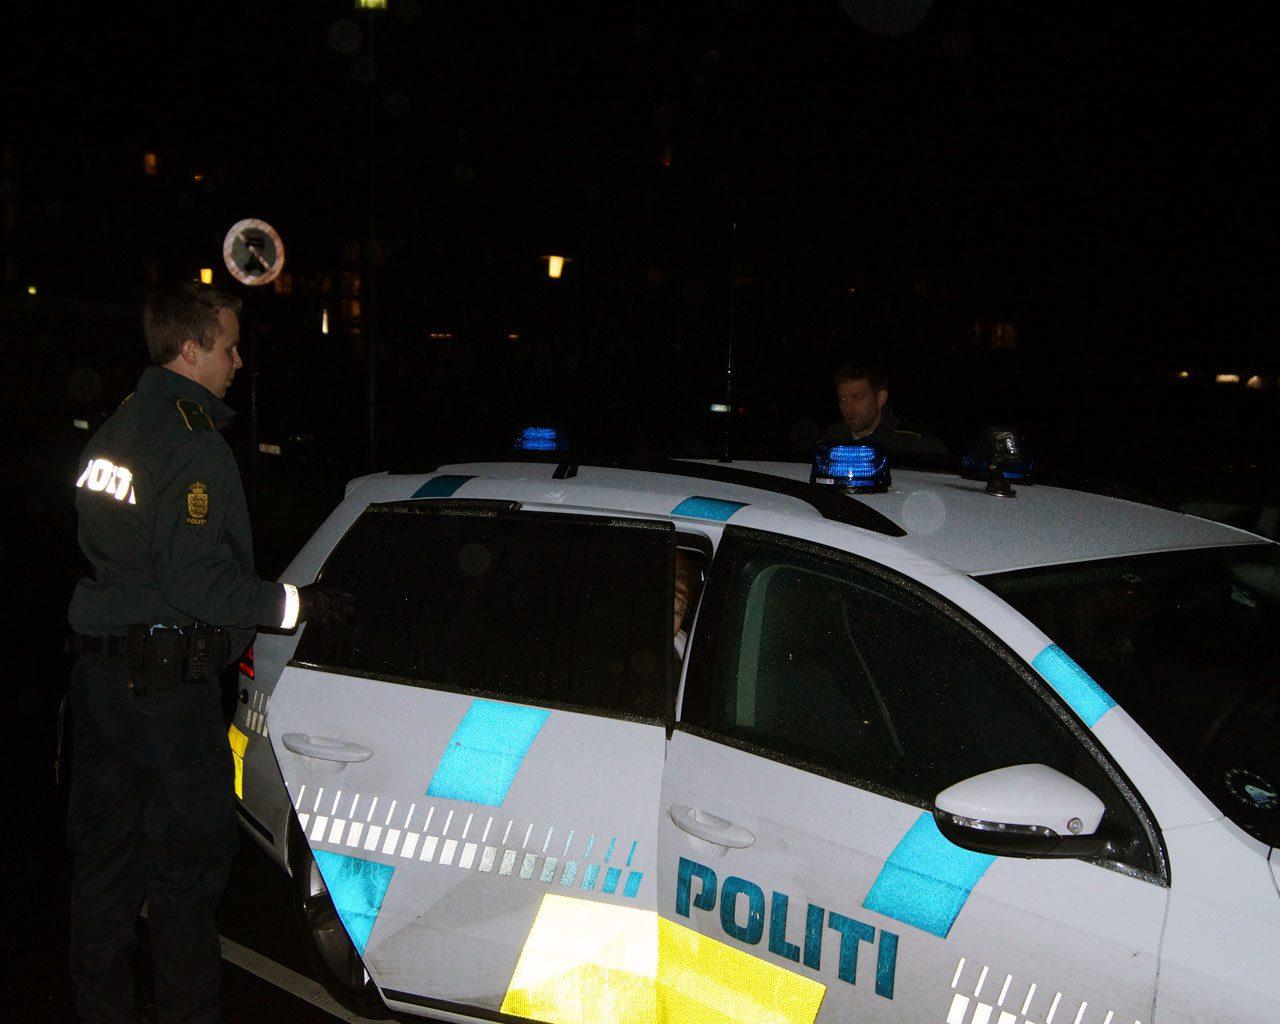 anholdt, arkiv billede, skud, trusler, Vejlø